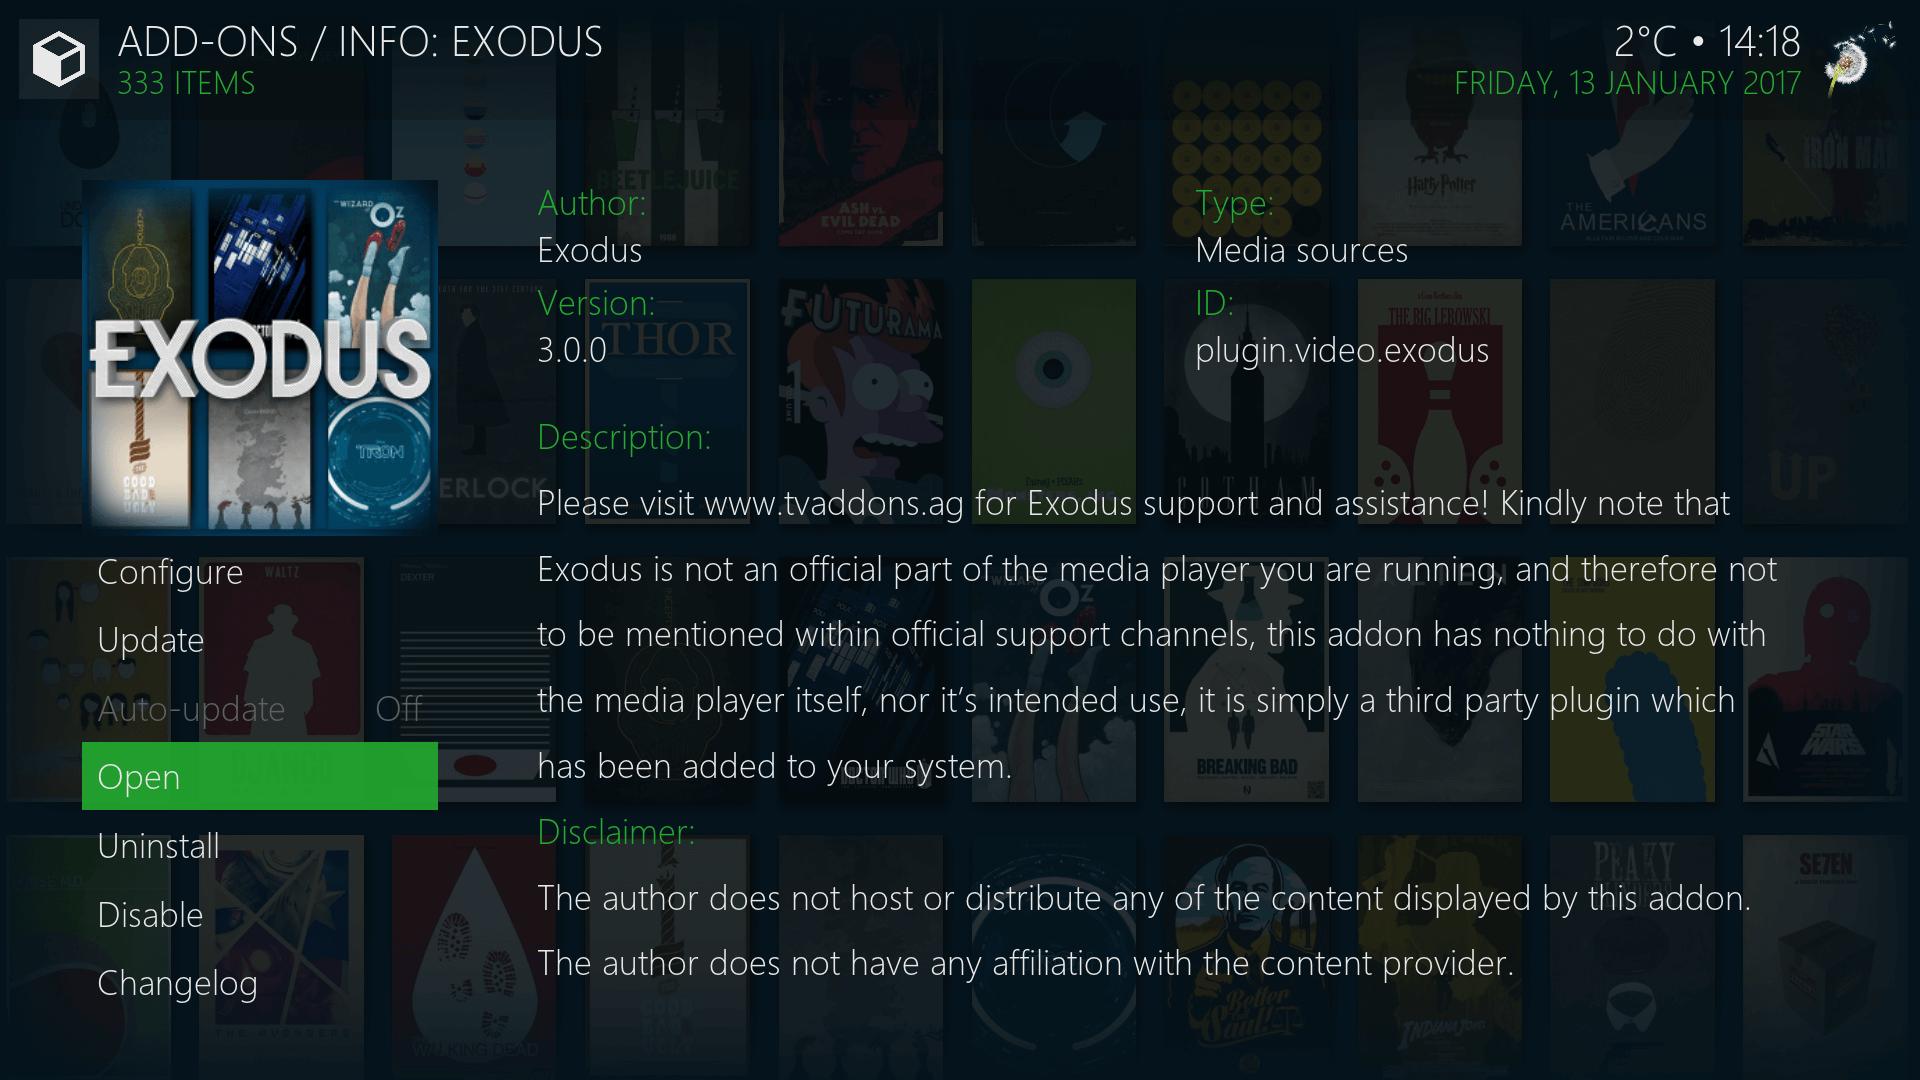 kodi app similar to exodus